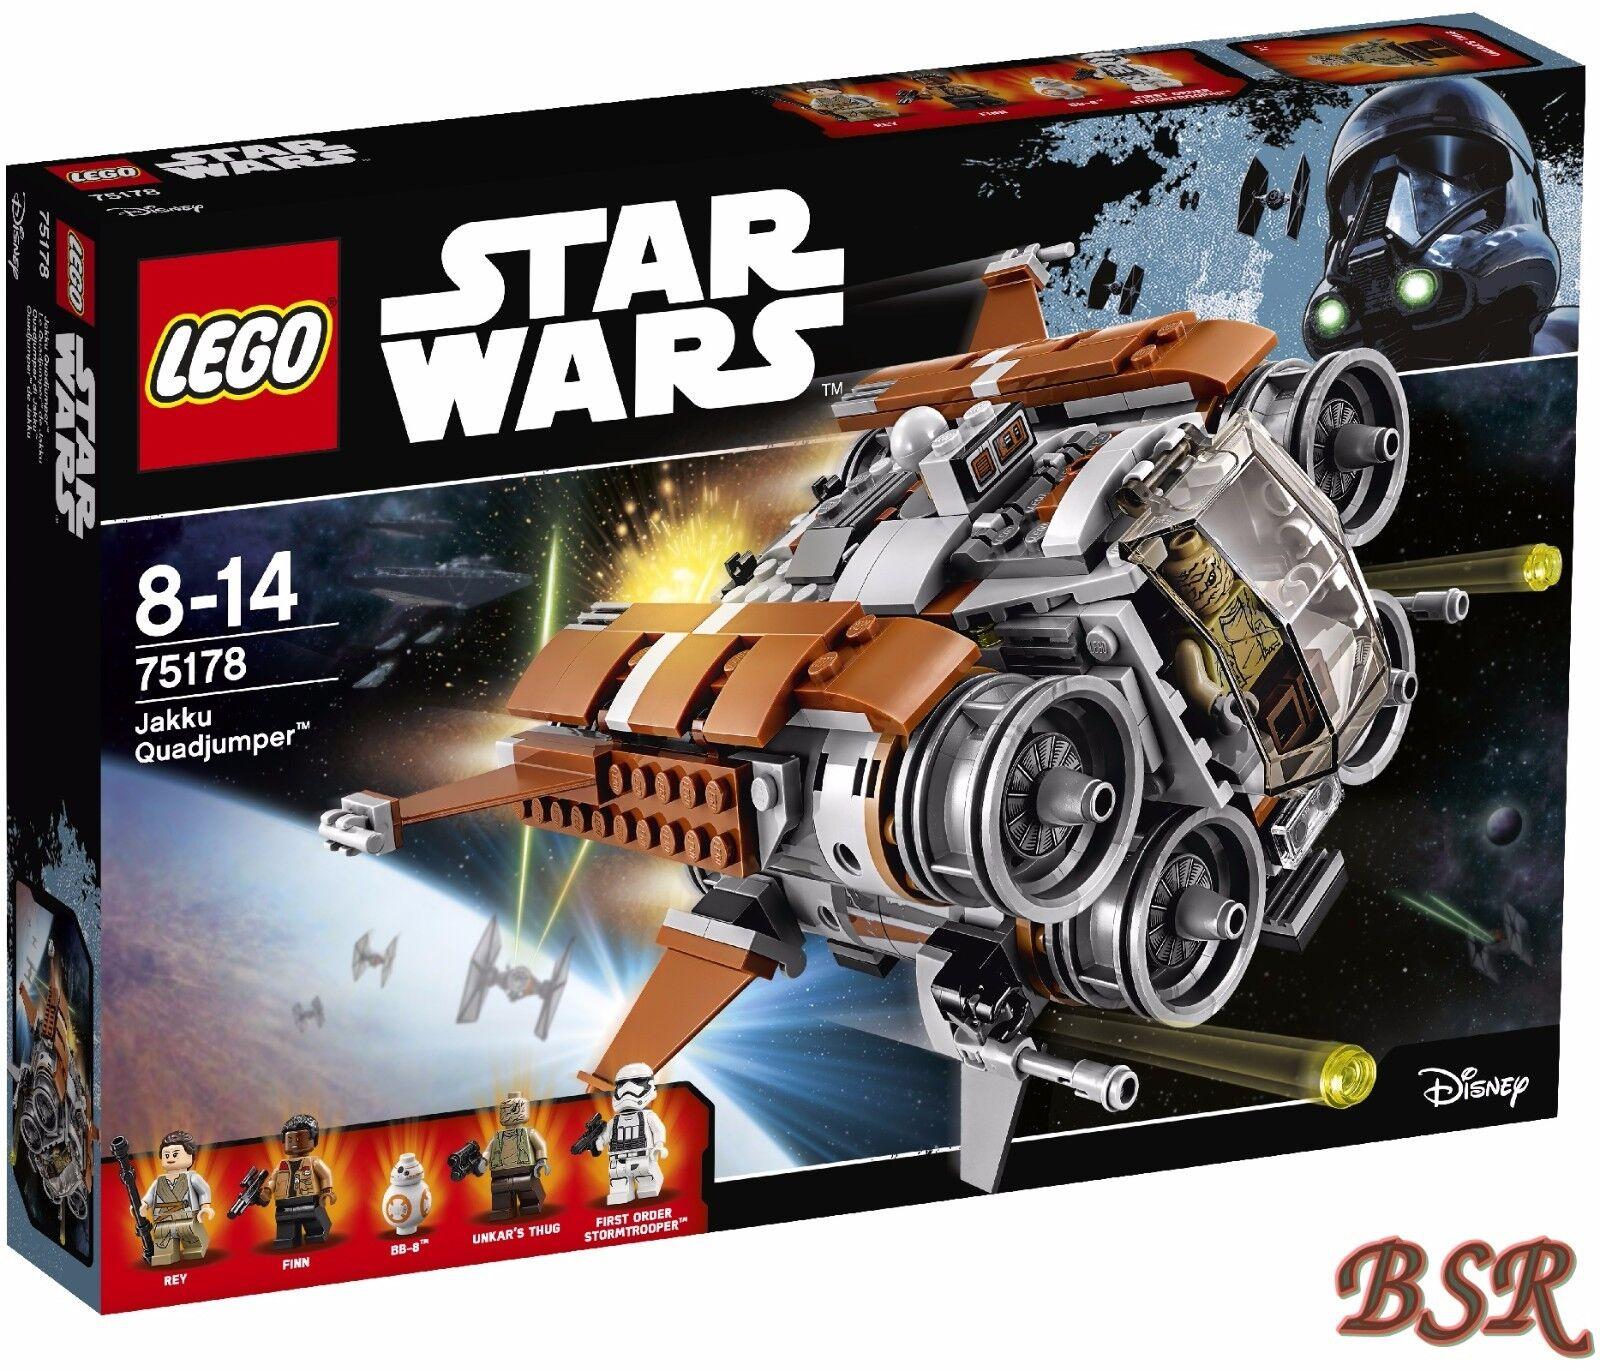 LEGO ® Star Wars ™: 75178 Jakku quadjumper ™ & 0.€ Spedizione & Scatola Originale & Nuovo